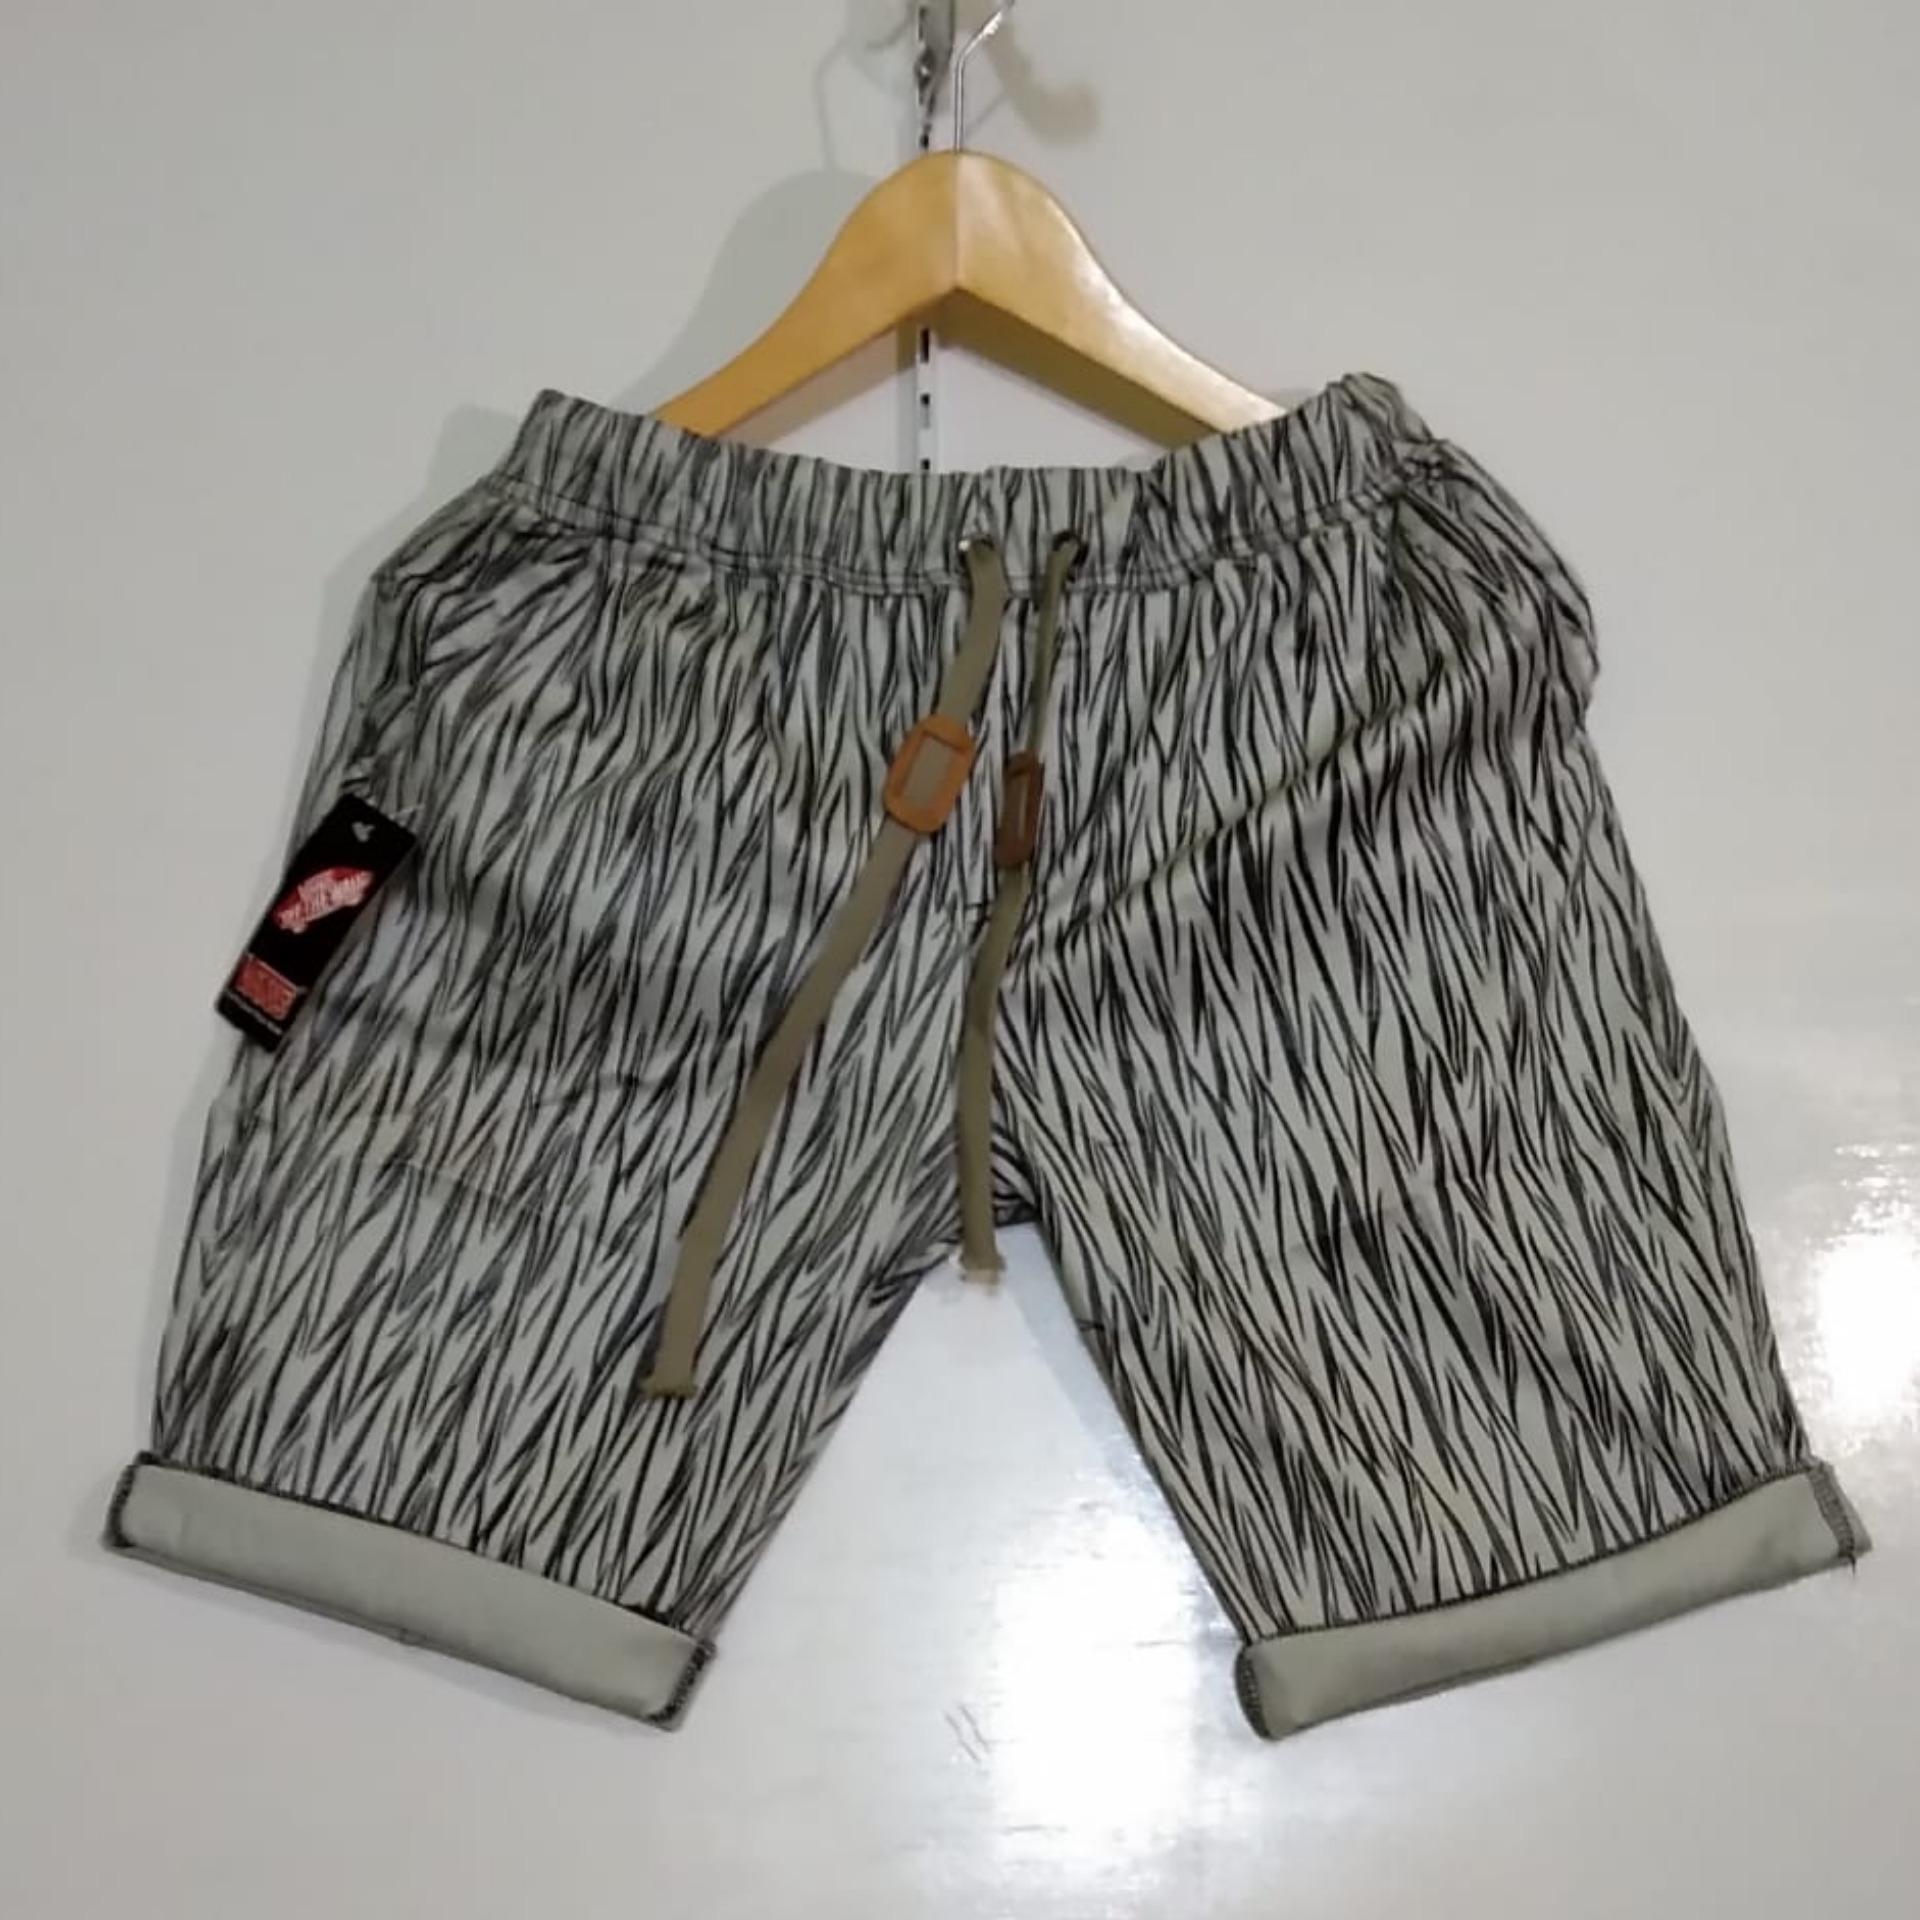 Celana Pendek Bali Model Roxy Oleh Khas Page 2 Daftar Jamsuit Cewek Dari Ballibong Spec Dan Harga Source Frd Pria Distro Polos Hawai Cino